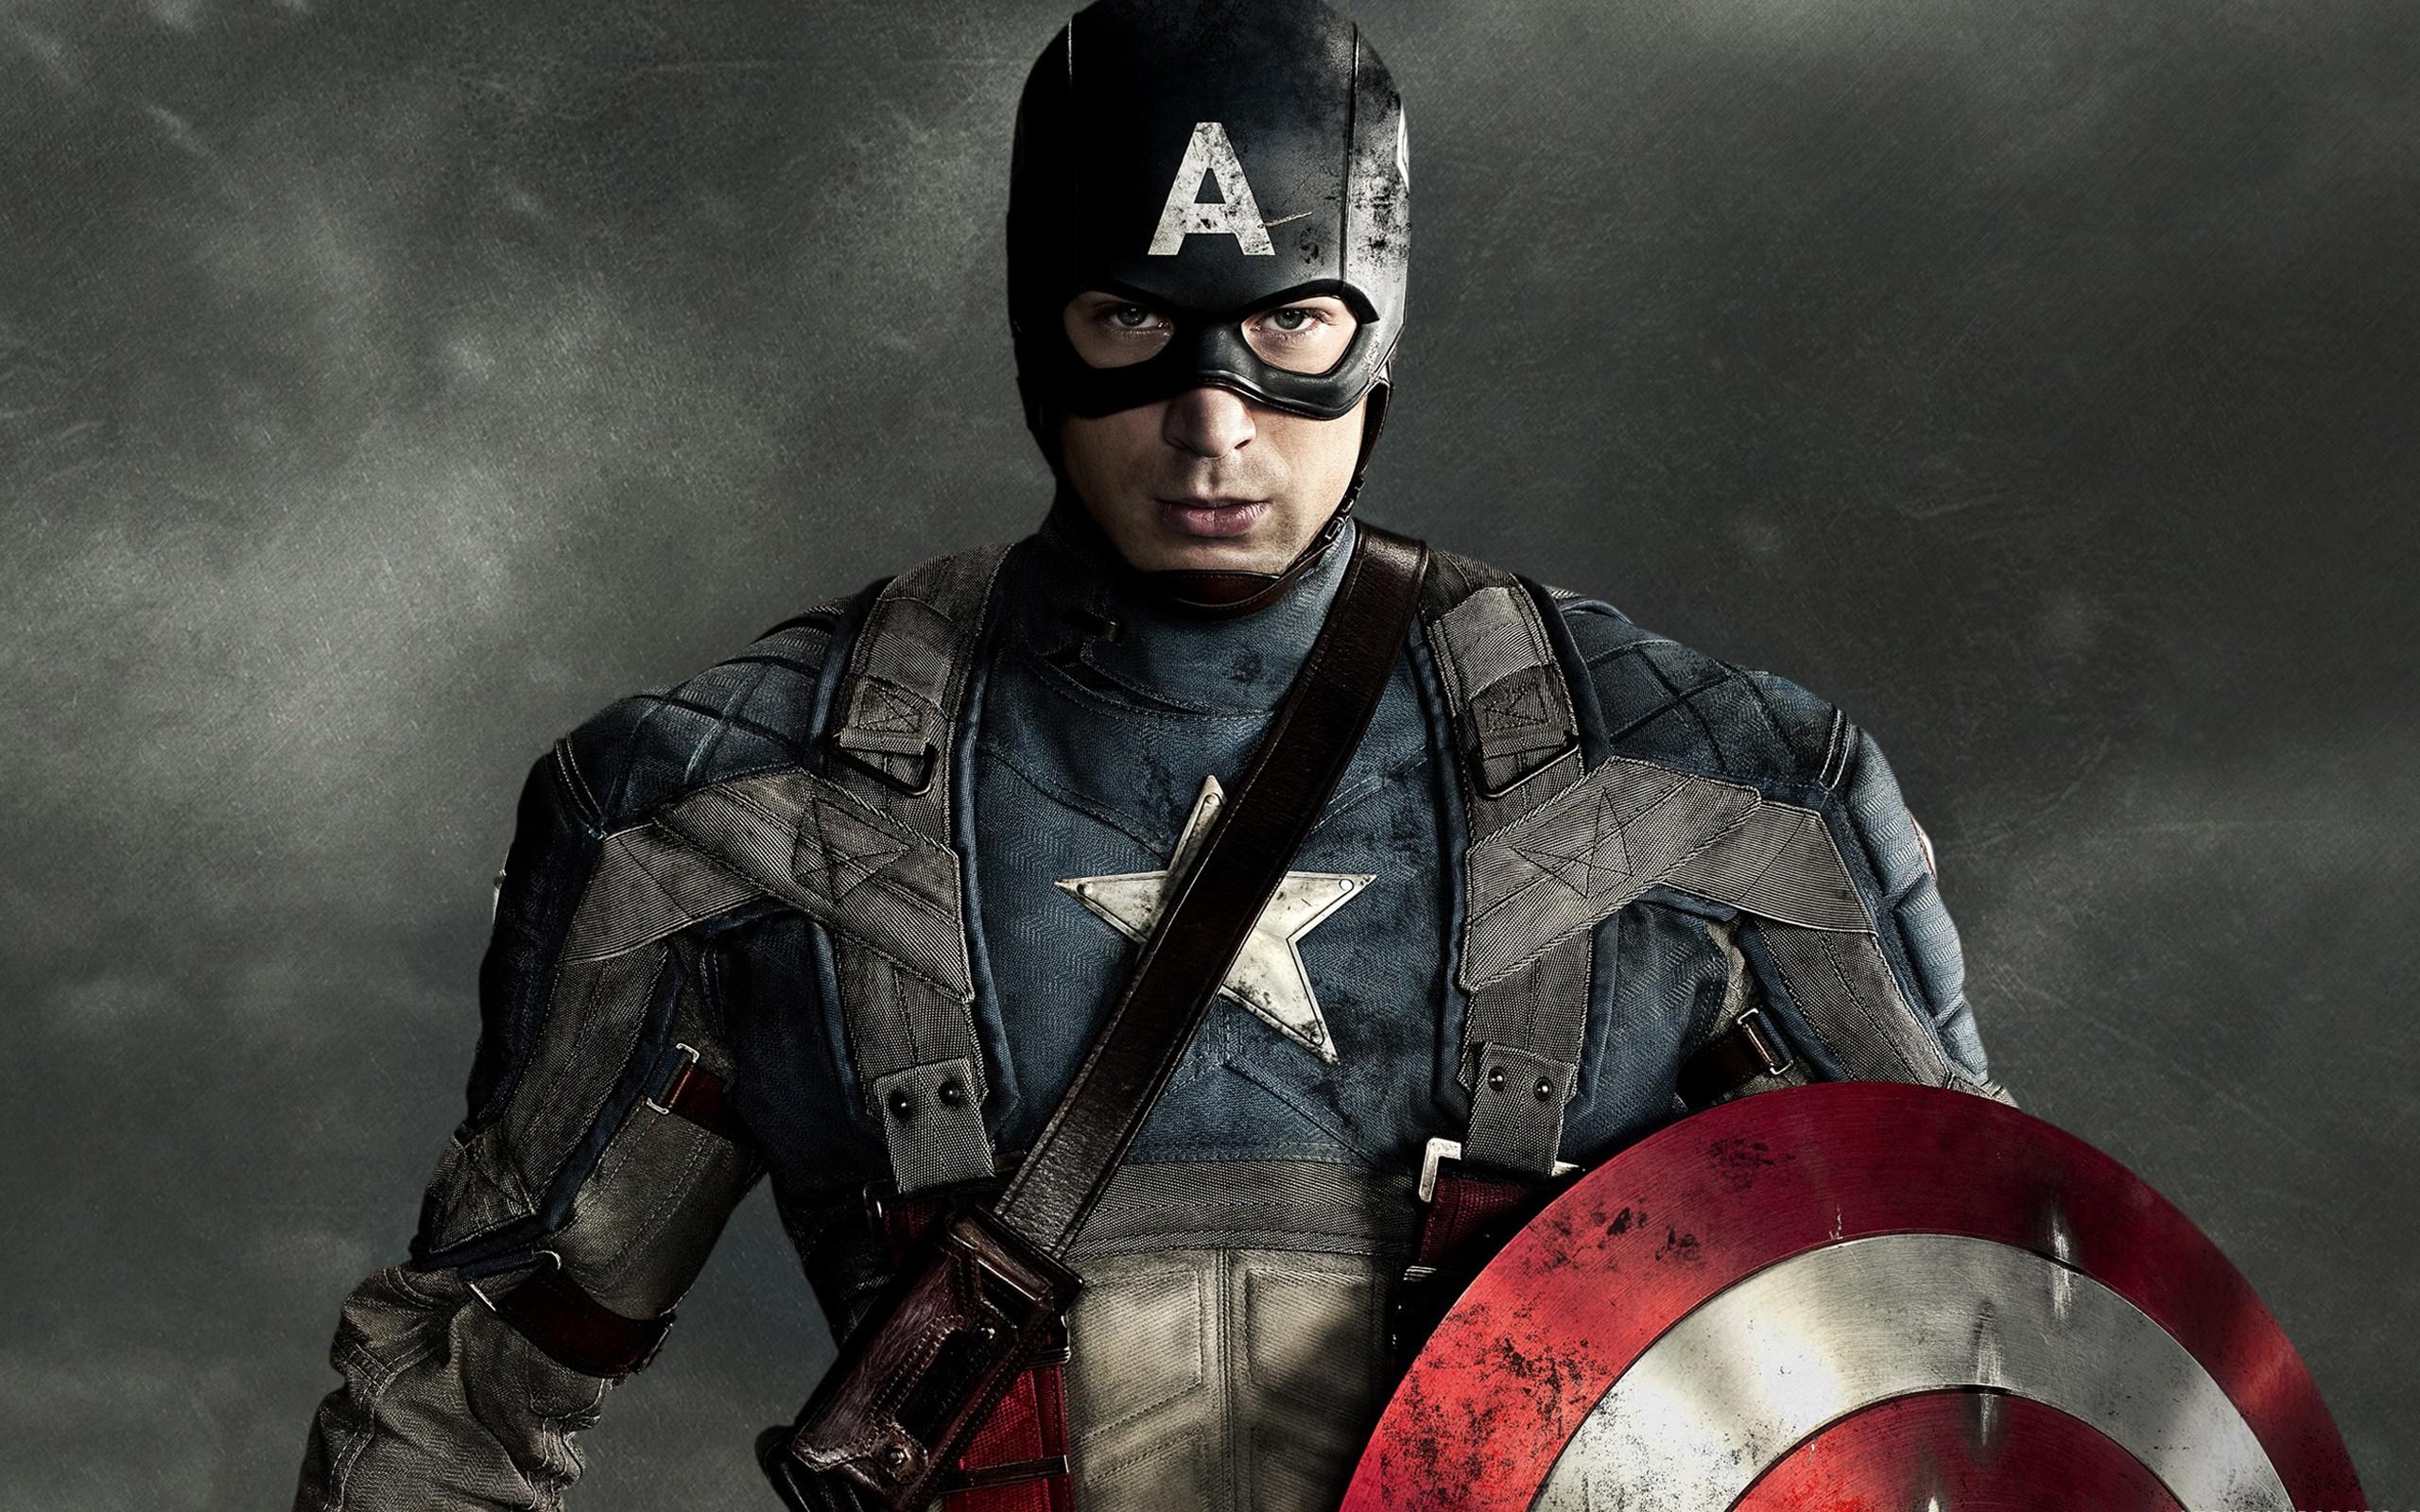 Chris Evans Captain America Civil War   New HD Wallpapers 2560x1600